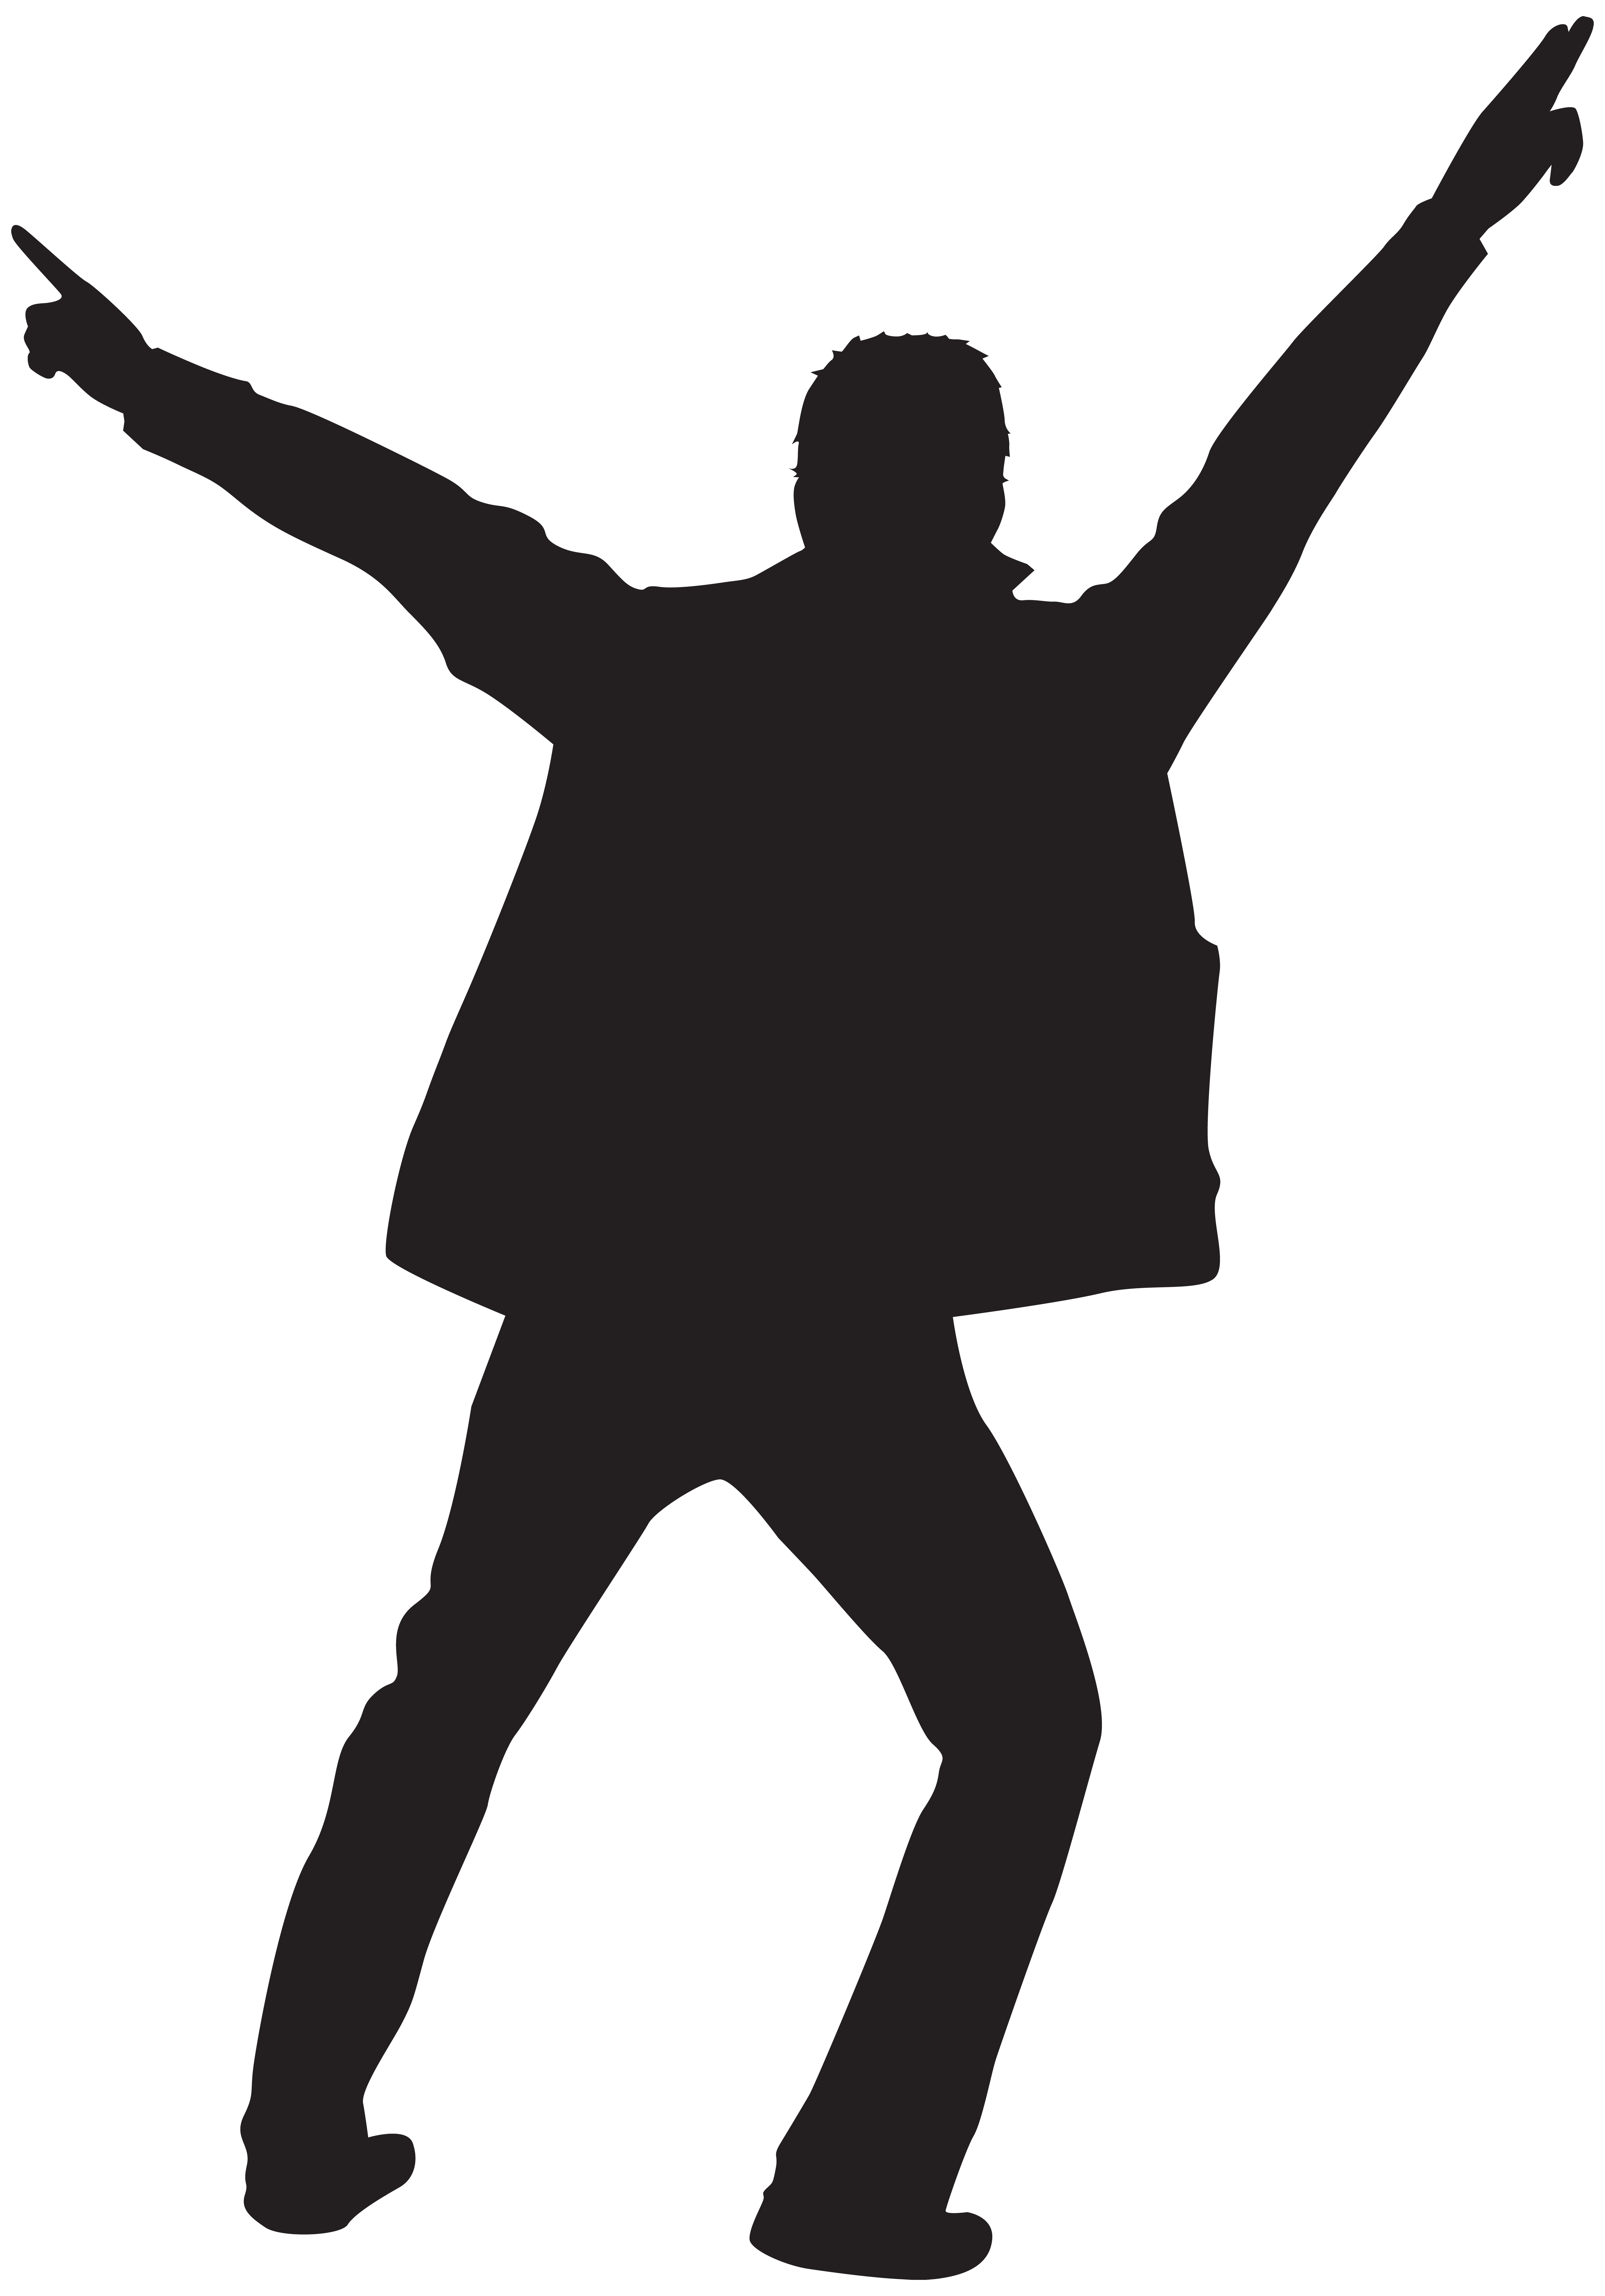 Dancing Man Silhouette Clip Art PNG Image.